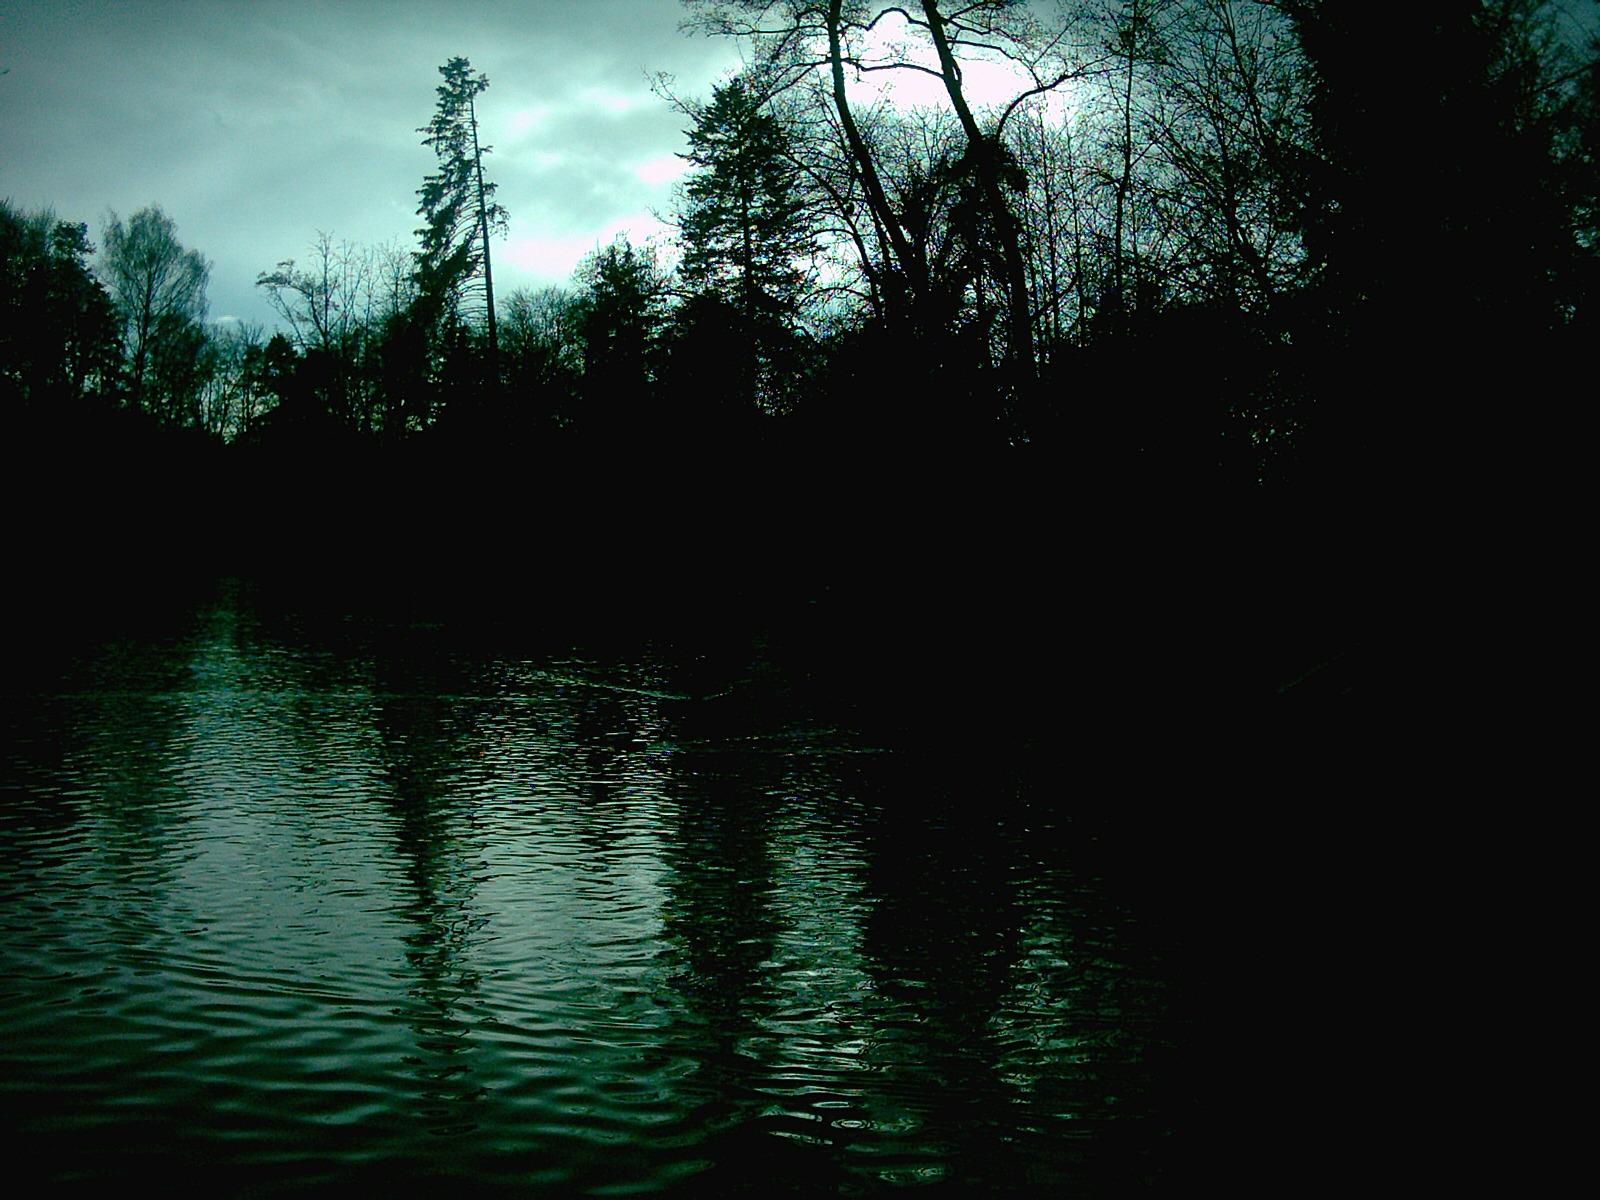 http://3.bp.blogspot.com/-M0deqqv0IMQ/TzJRu8Q_crI/AAAAAAAACB0/4VuG5x7xUSI/s1600/dark--wallpapers--9.jpg